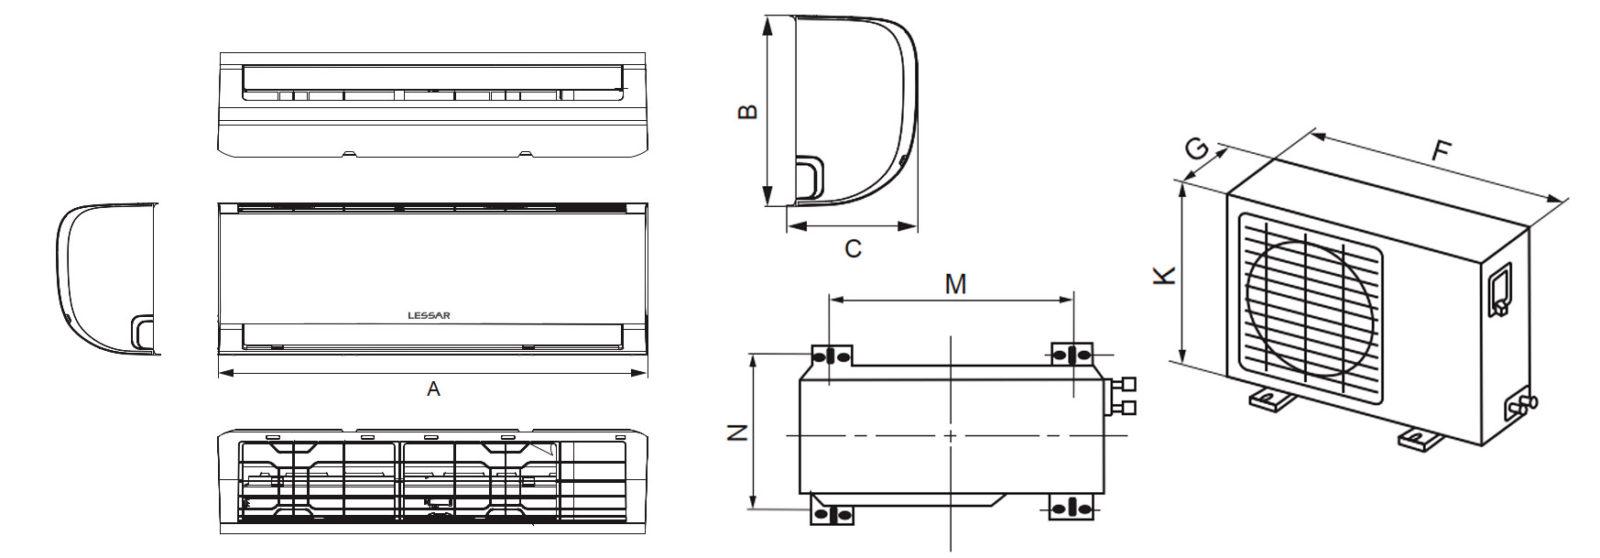 Габаритные размеры кондиционера Lessar Amigo inverter